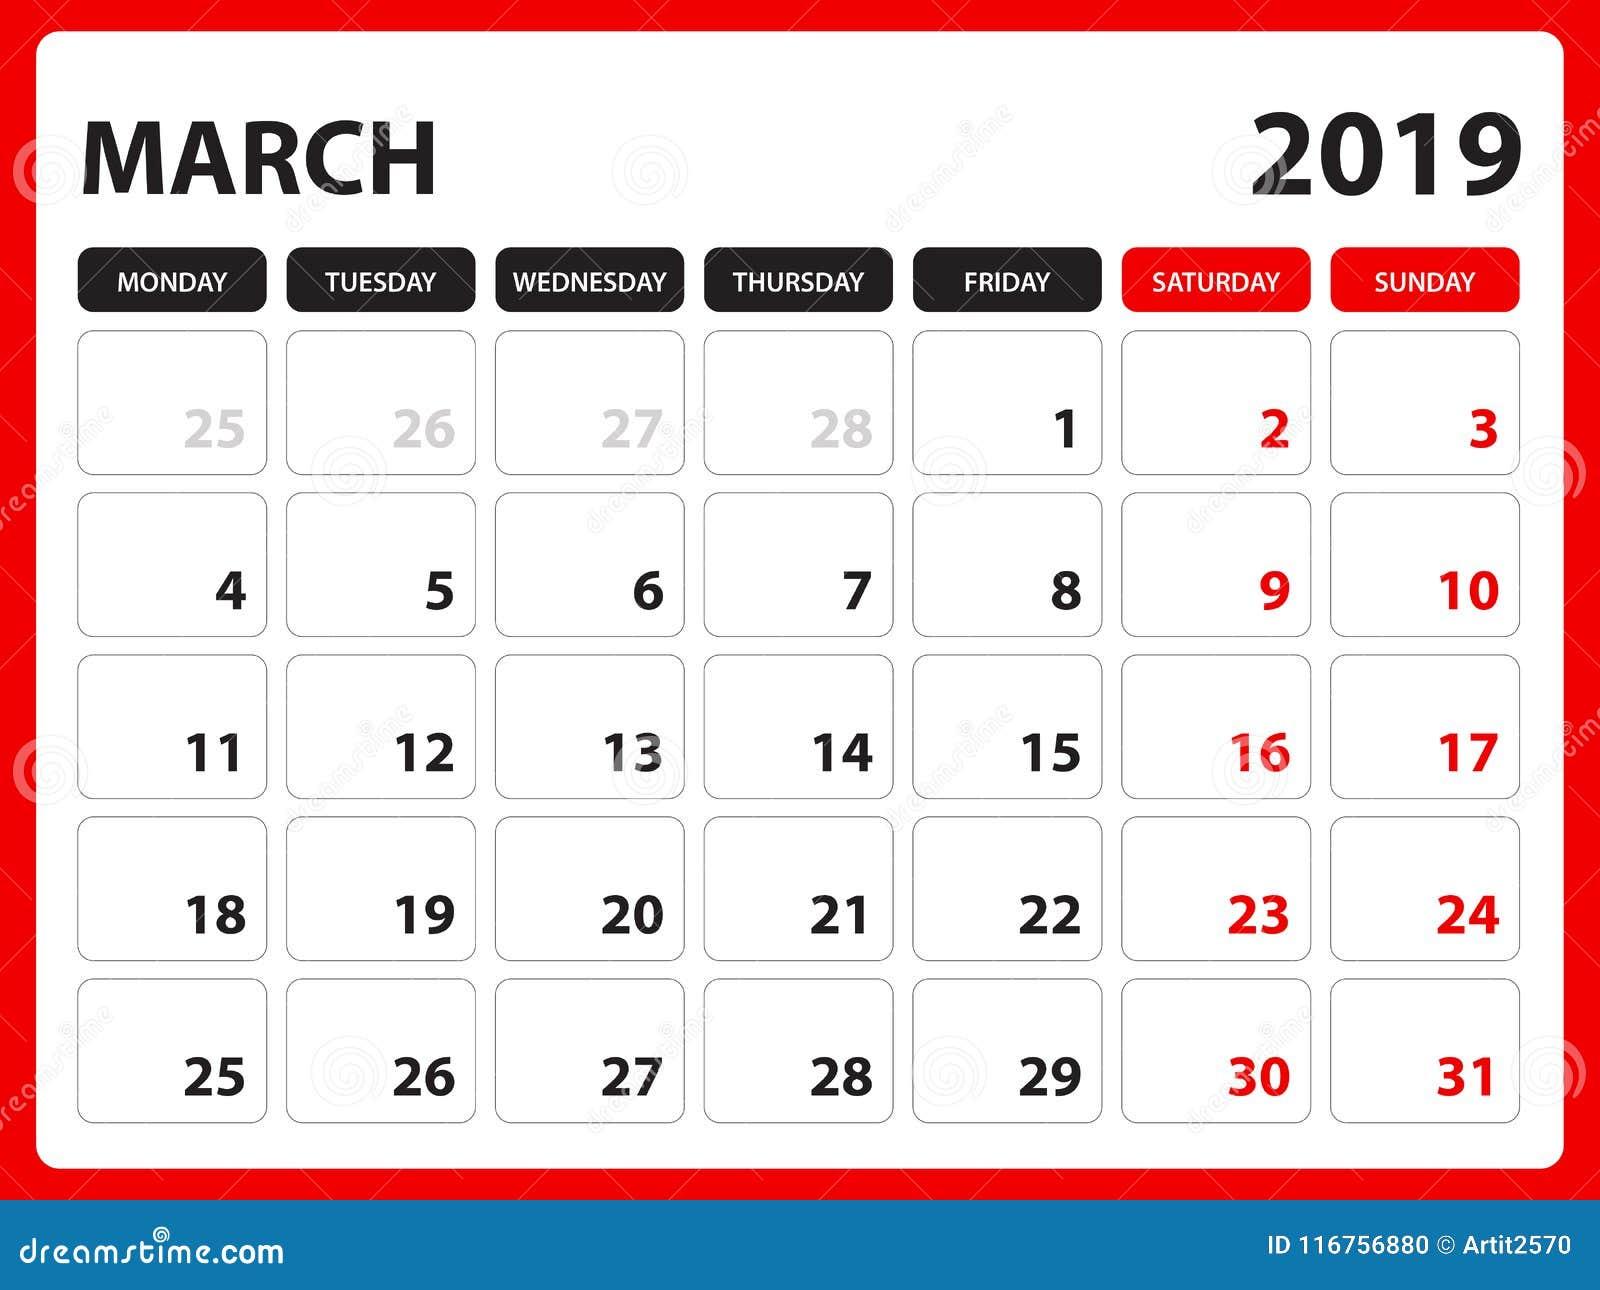 Calendrier De Mars 2019.Le Calendrier De Bureau Pour Le Calibre De Mars 2019